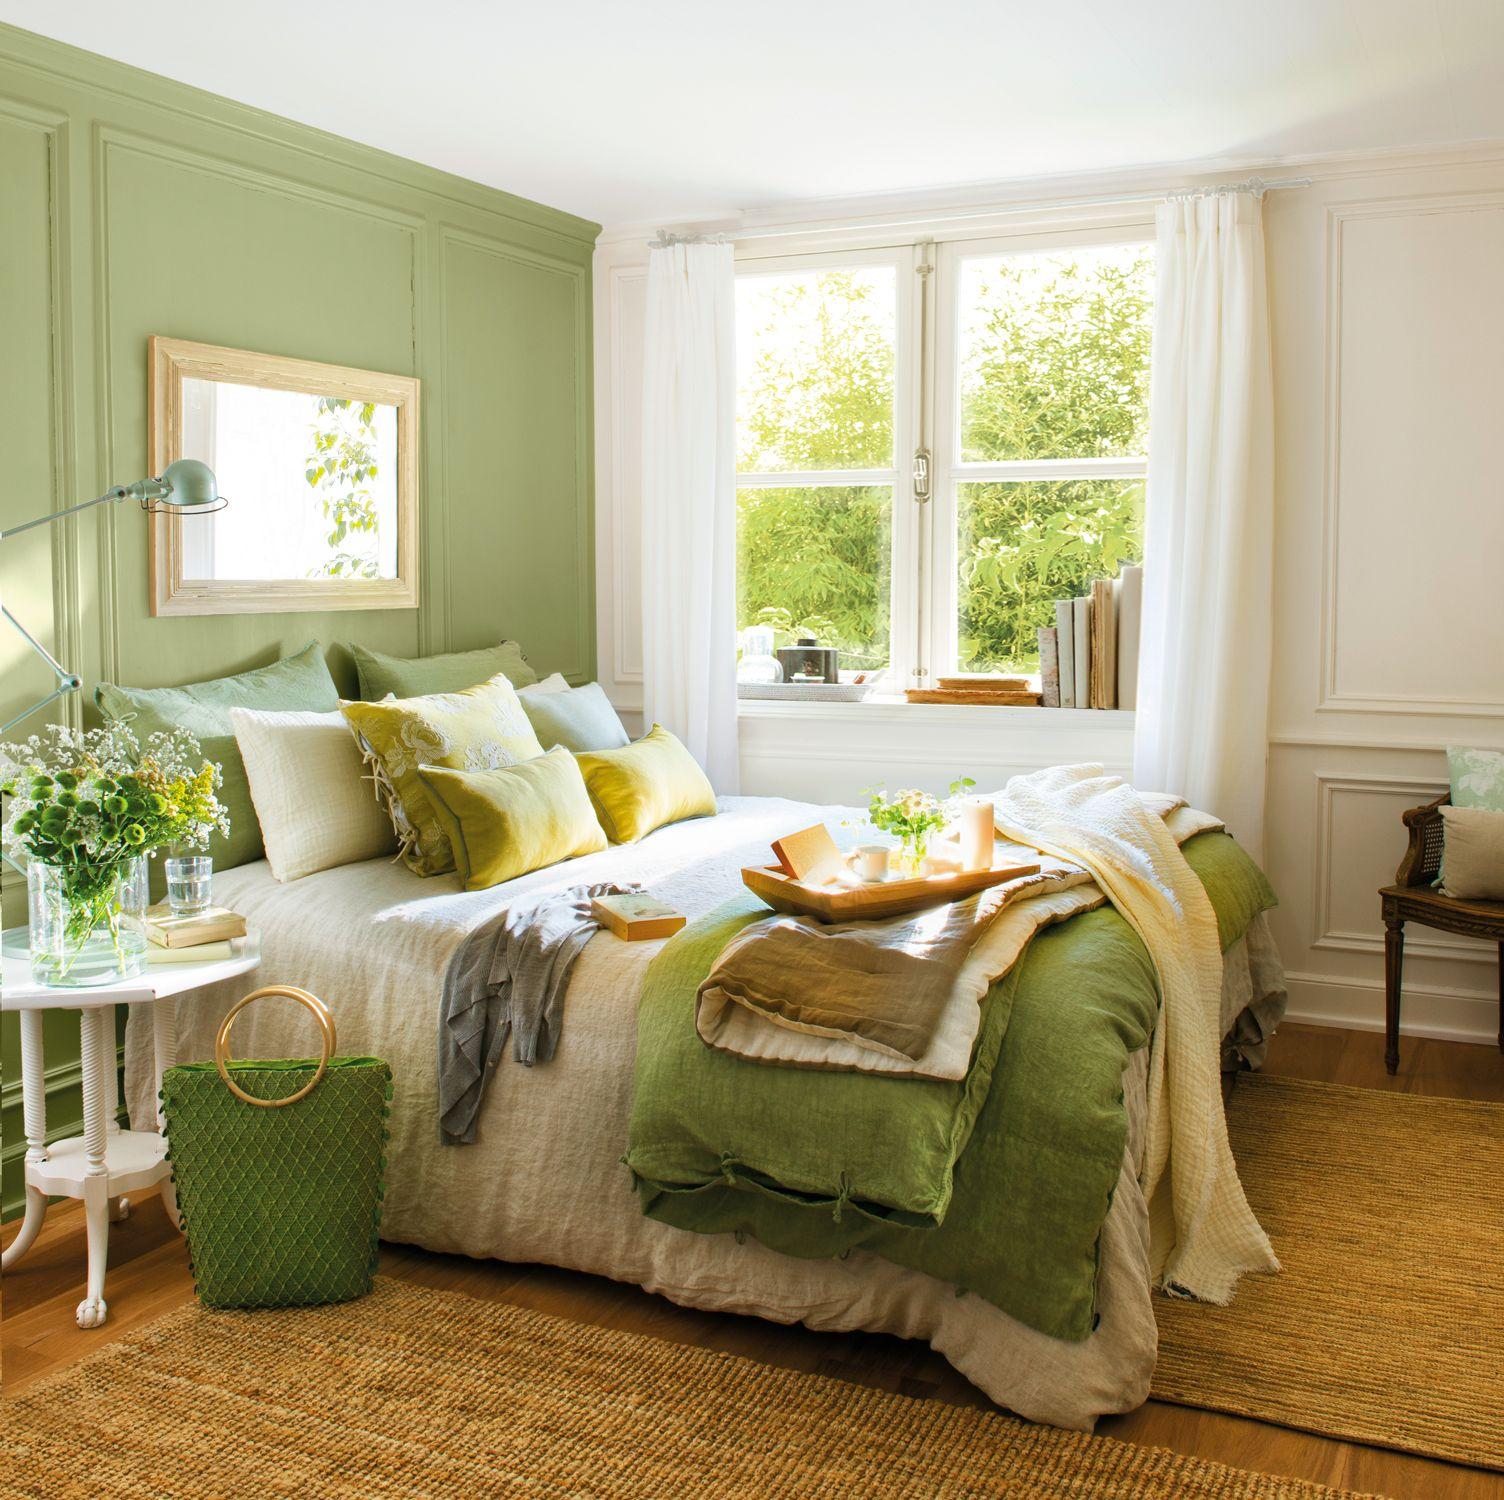 Dormitorio en verde y blanco con alfombra de fibra 438307 - Alfombras para dormitorios ...